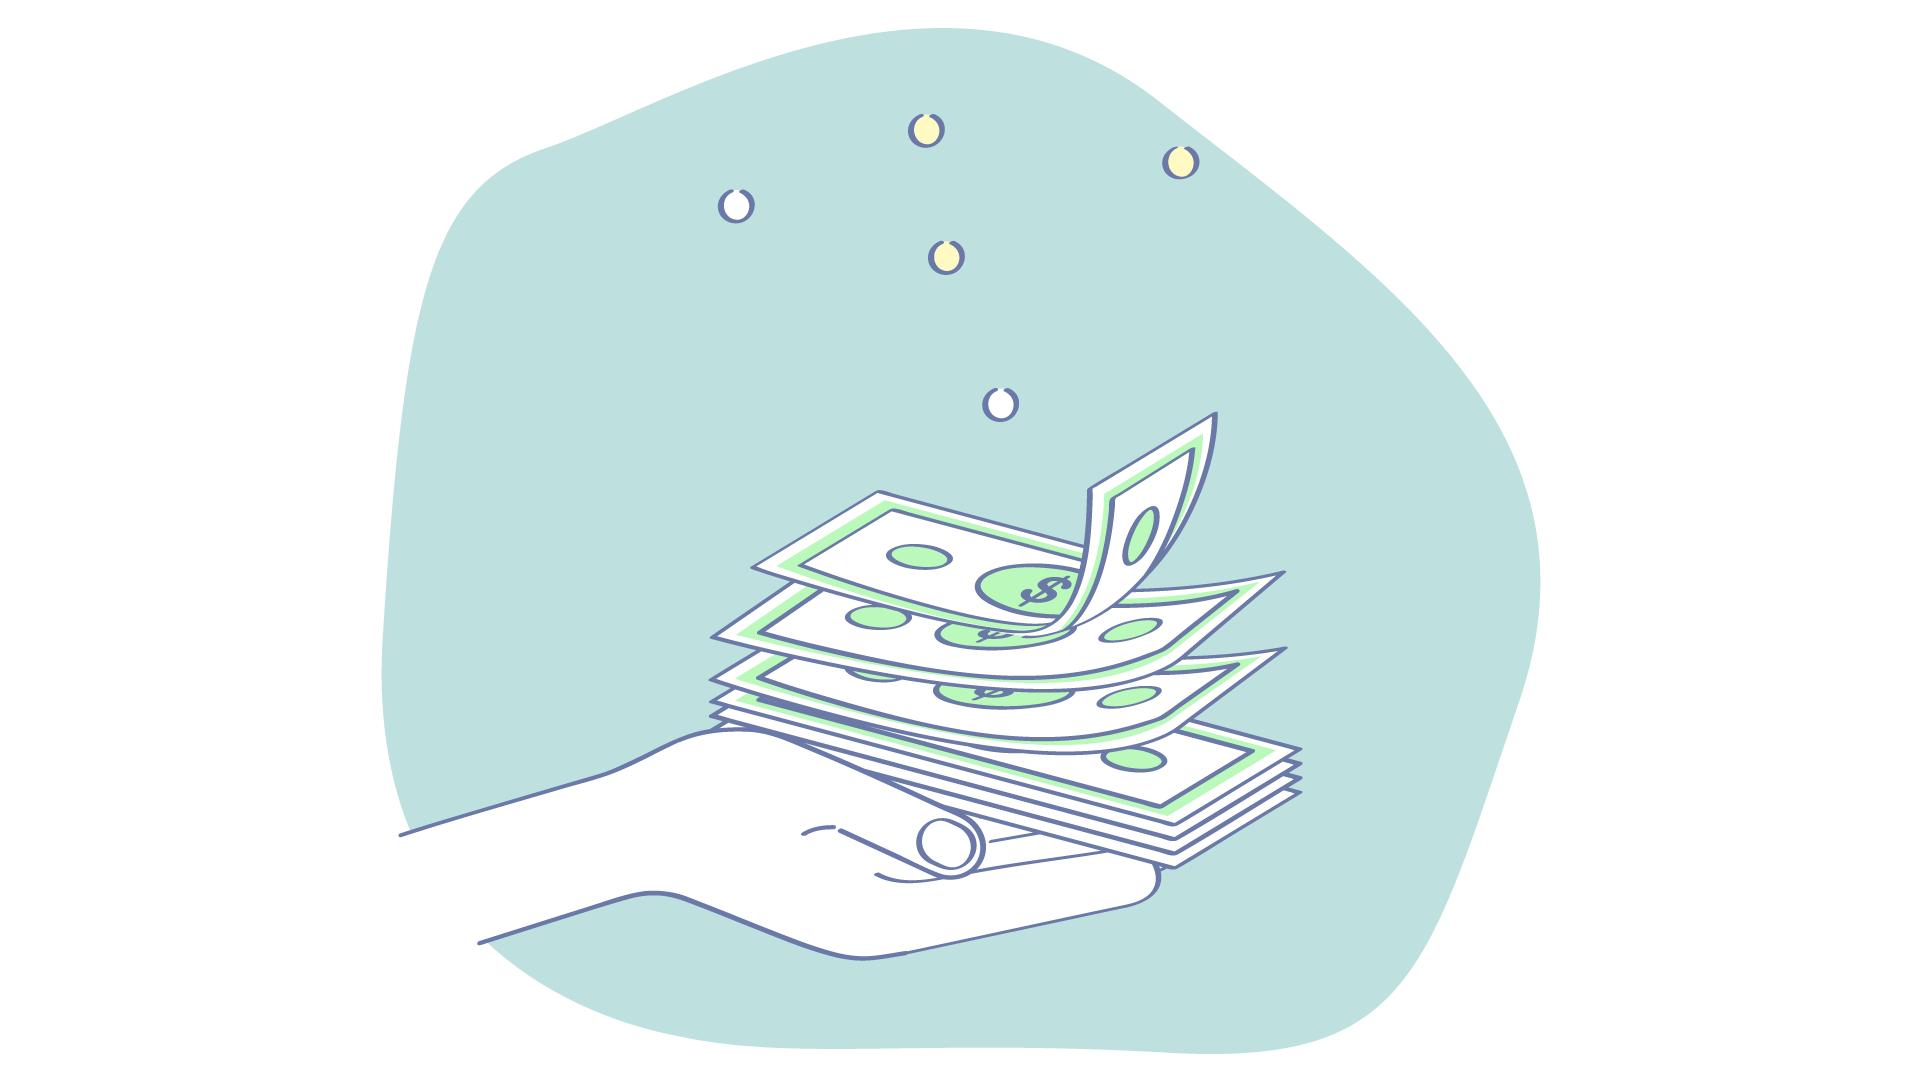 ¿Se puede reclamar un pago sin factura?